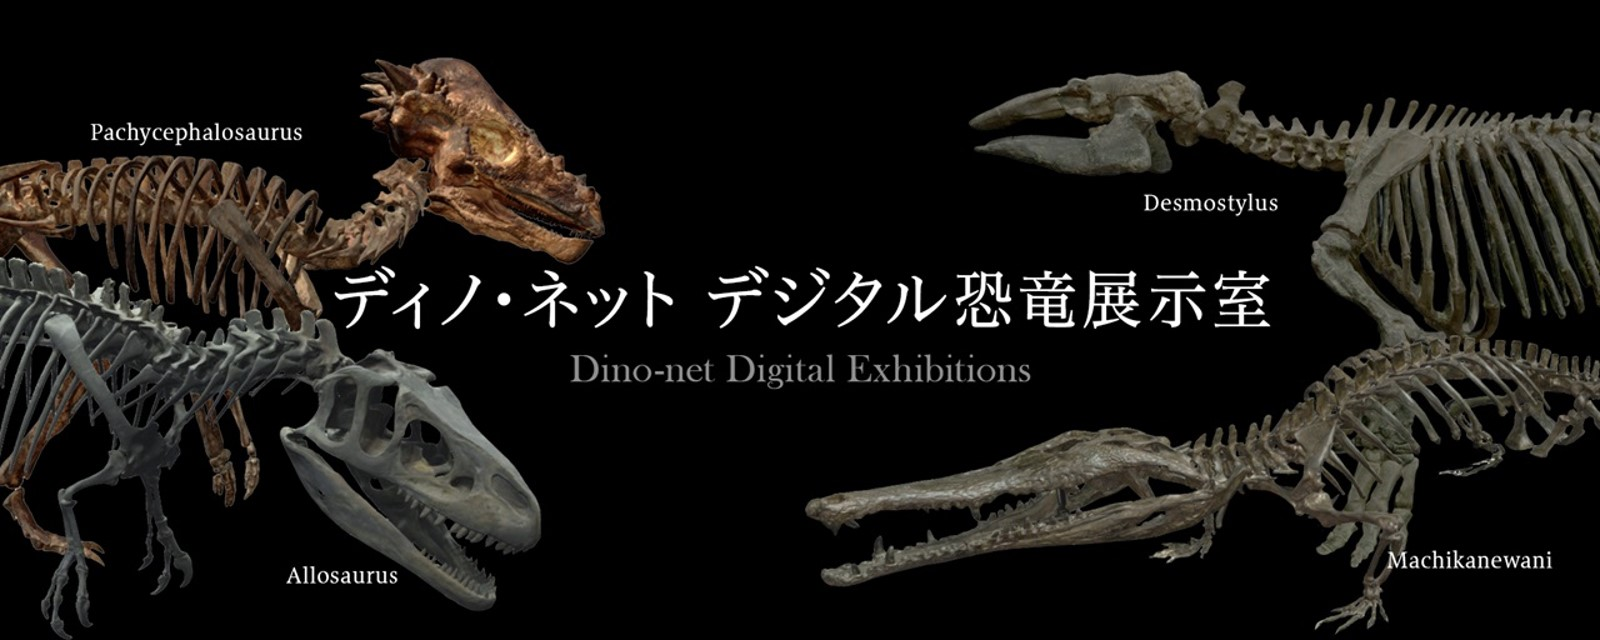 おうちで博物館! 日本各地の恐竜骨格をVRで見学 国立科学博物館のデジタル恐竜展示室